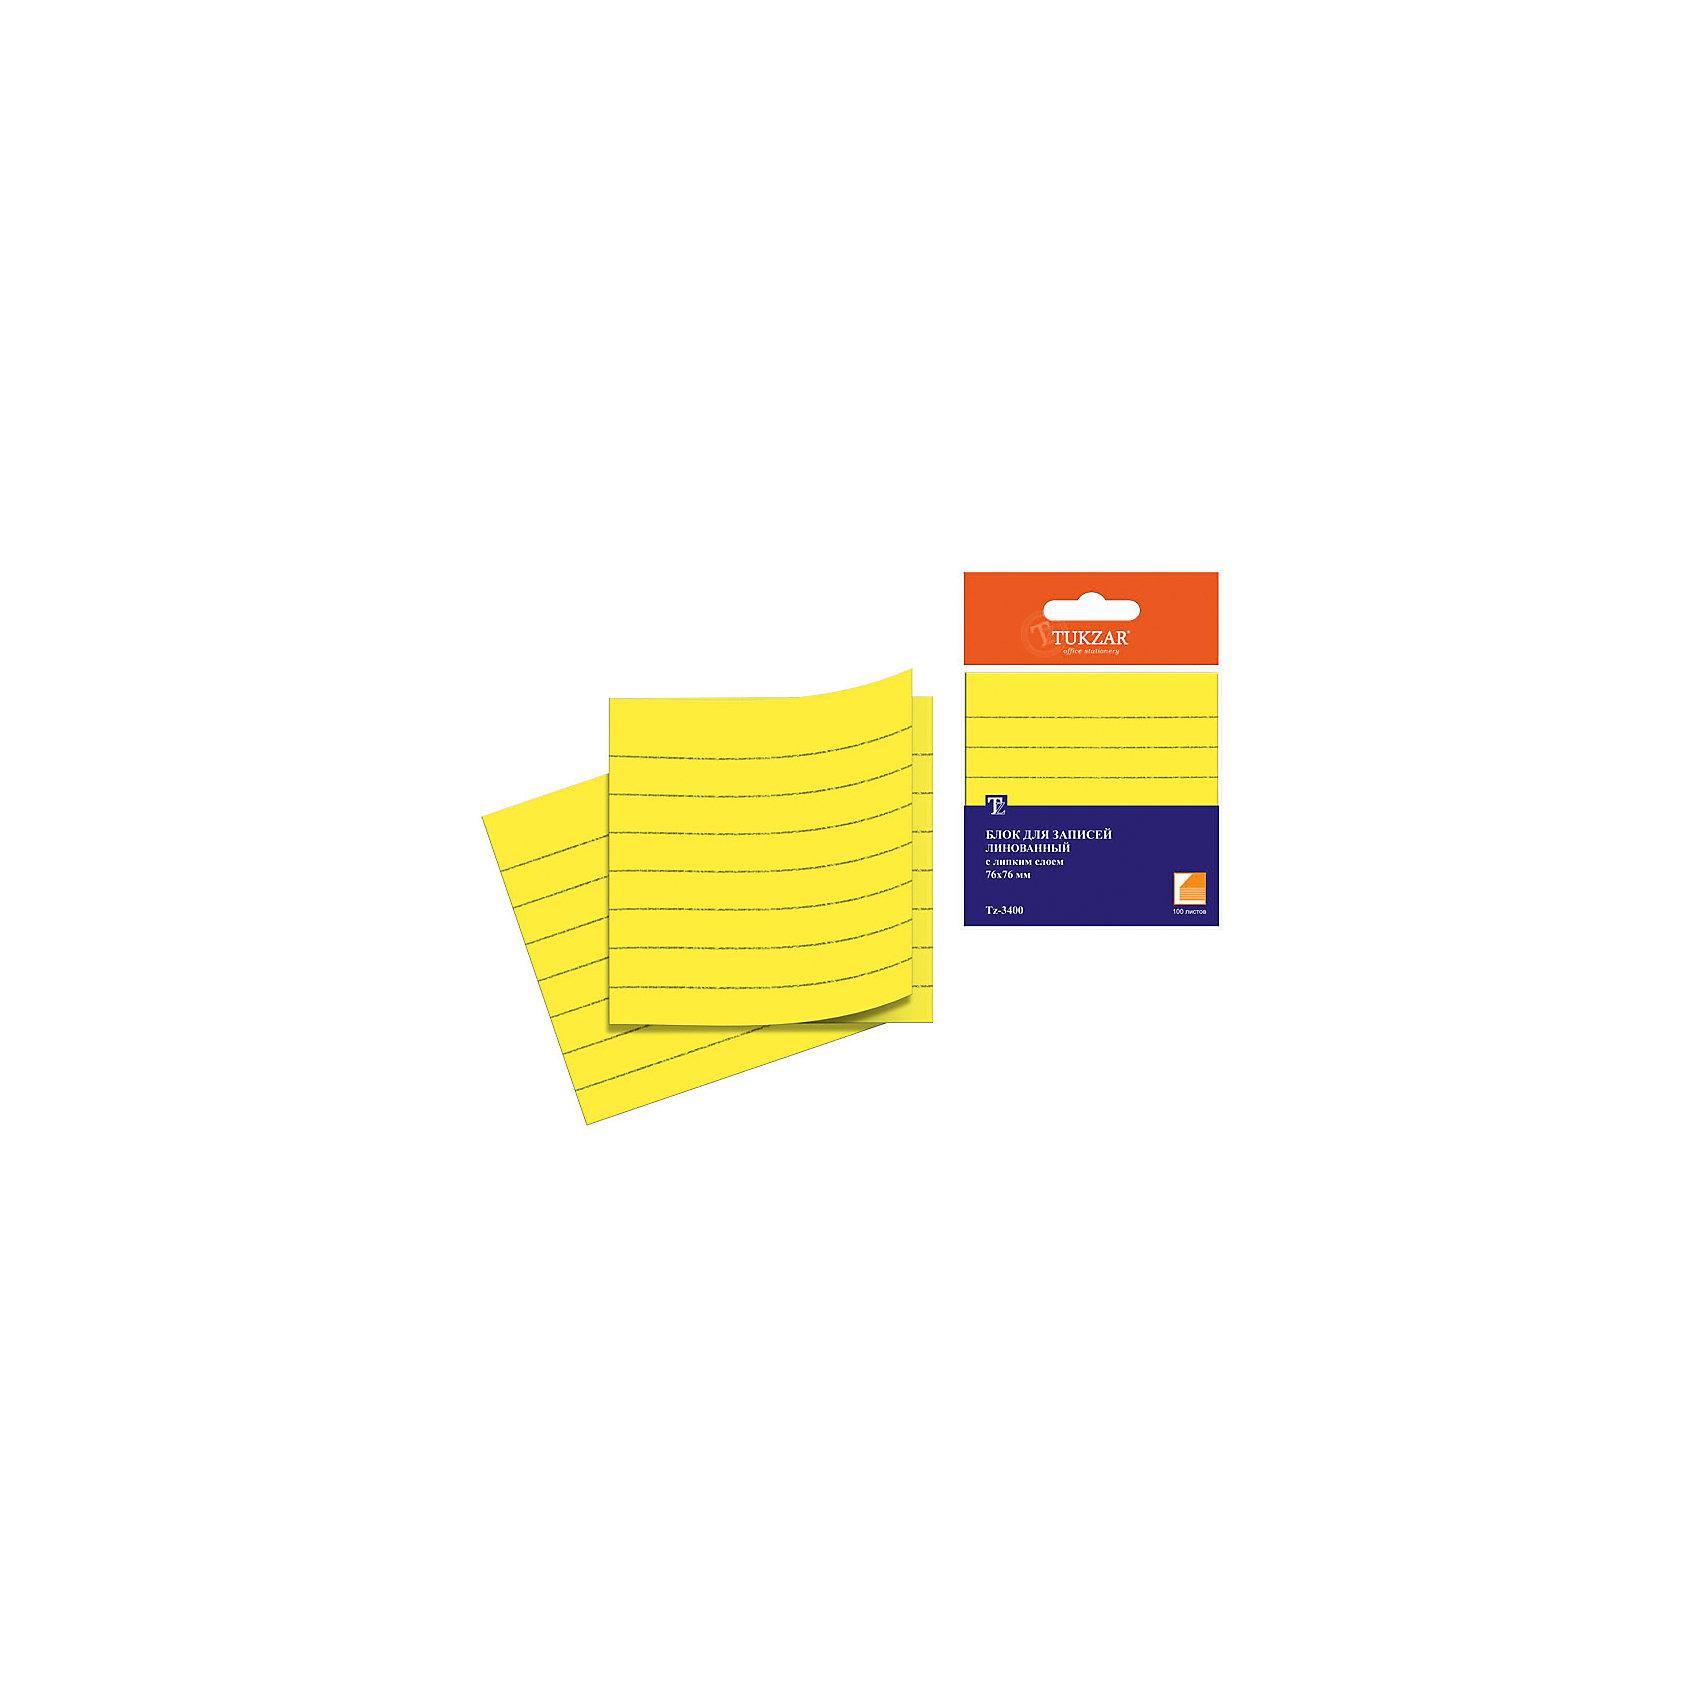 Блок с липким слоем, 100 листовПоследняя цена<br>Блок с липким слоем  – отличный помощник для учебы, работы и просто повседневной жизни. Во время подготовки к школе важно уделить внимание каждой мелочи. Если в списке предметов для учебы есть стикеры, то стоит обратить внимание на стикеры – разделители. Яркие цвета и качественный материал – визитная карточка модели. Клеевой слой достаточно прочный для крепления листов, но при этом легко открепляется, не оставляя при этом следов. Все материалы, использованные при изготовлении, отвечают международным требованиям по качеству и безопасности. Модель подходит для детей.<br><br>Дополнительная информация: <br><br>габариты: 76х76мм;<br>цвет: желтый;<br>количество: 100 страниц.<br><br>Блок с липким слоем можно приобрести в нашем магазине.<br><br>Ширина мм: 100<br>Глубина мм: 100<br>Высота мм: 10<br>Вес г: 50<br>Возраст от месяцев: 36<br>Возраст до месяцев: 120<br>Пол: Унисекс<br>Возраст: Детский<br>SKU: 4993541